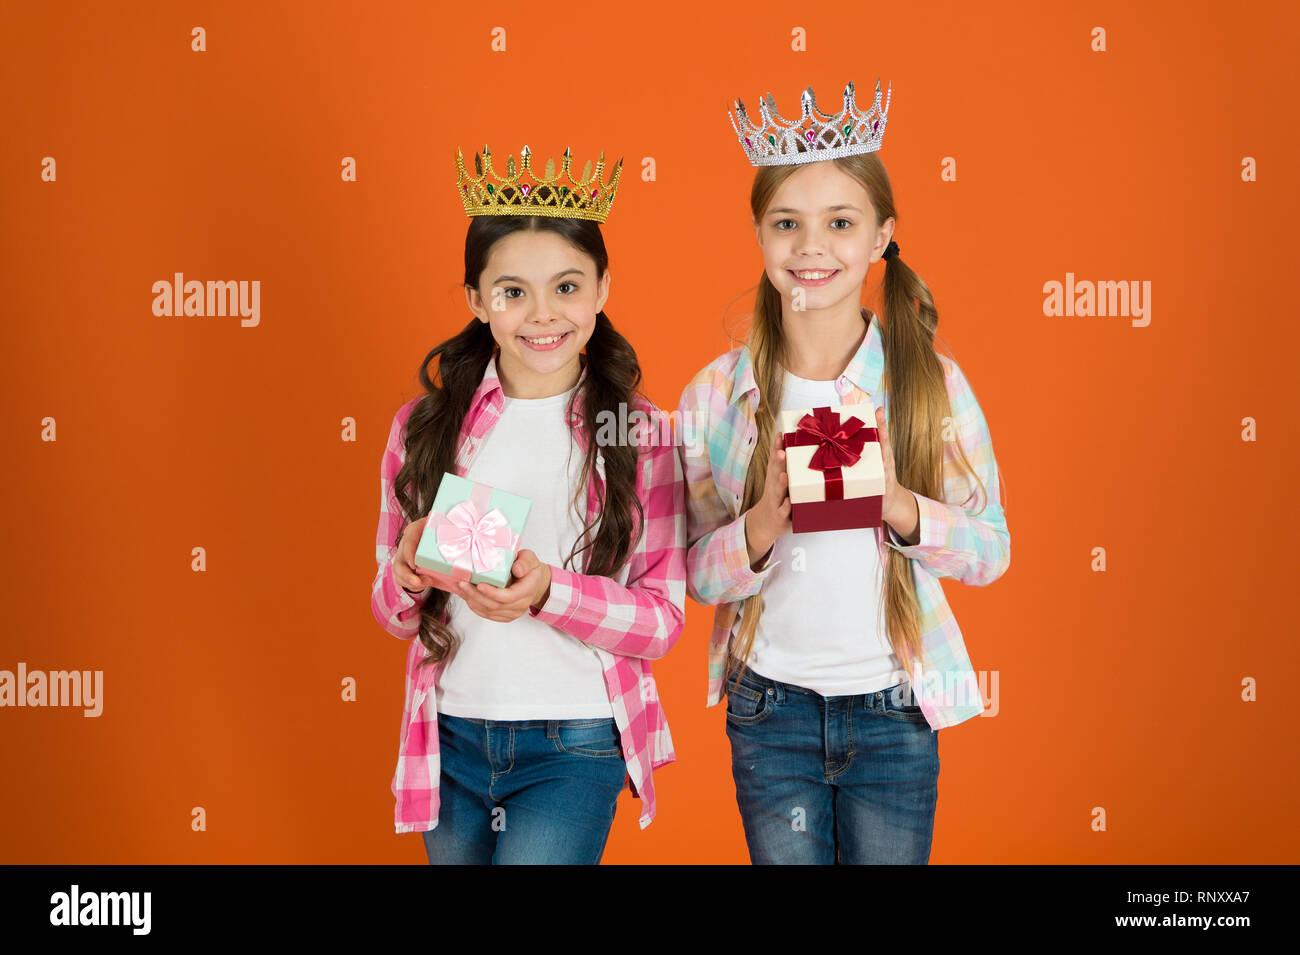 La princesse égocentrique. Les enfants portent des couronnes d'or symbole princesse. Toutes les filles rêvent de devenir princesse. Petite Princesse. Enfance heureuse. Nous méritons mieux seulement. Filles portent des couronnes. Des enfants gâtés concept. Photo Stock